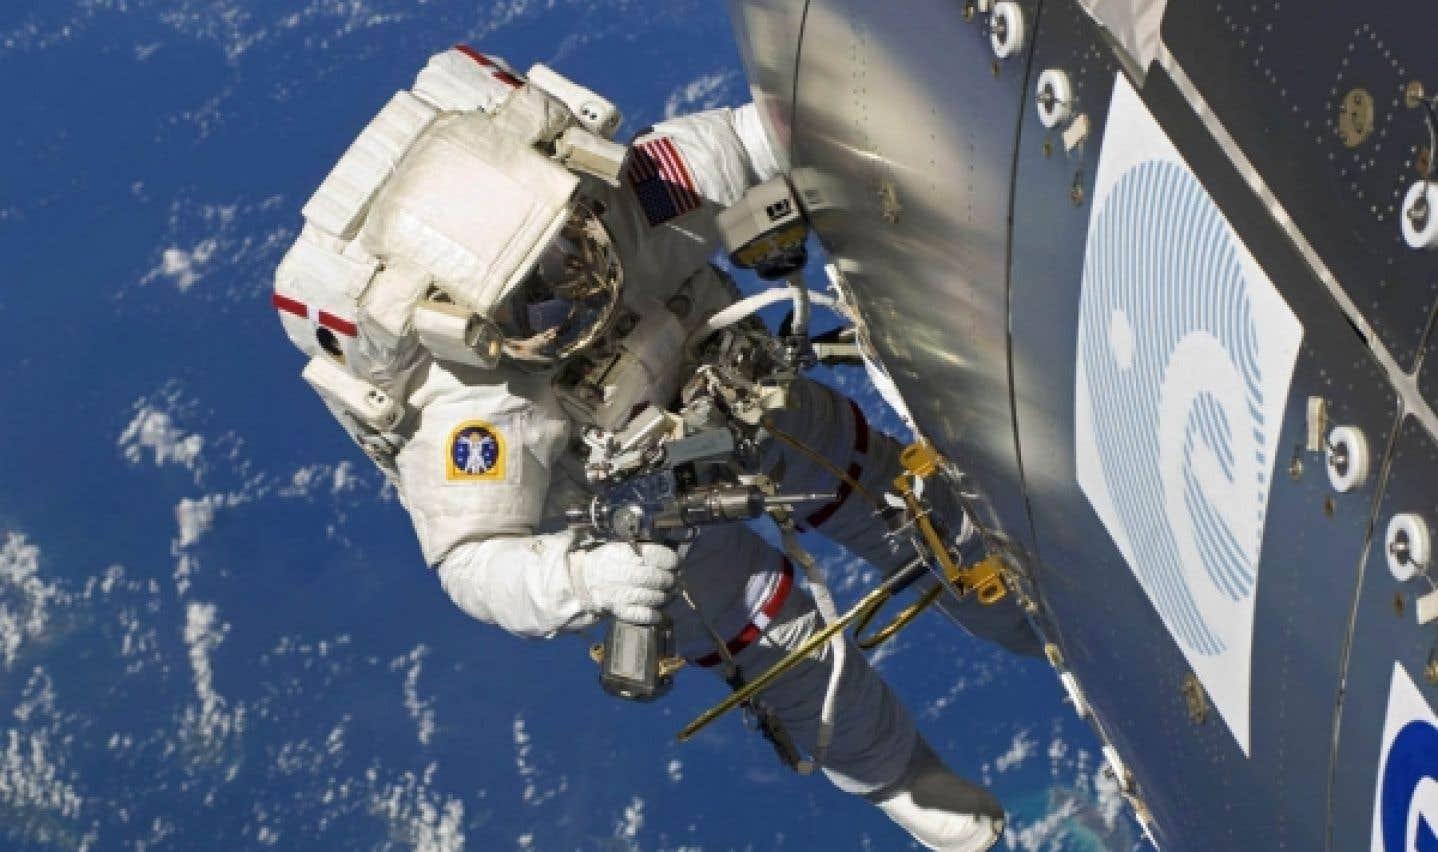 Un astronaute effectue une manœuvre à l'extérieur de la Station spatiale internationale. Certains astronautes ont rapporté que leur vue s'était dégradée ou au contraire améliorée à la suite de leur séjour dans l'espace.